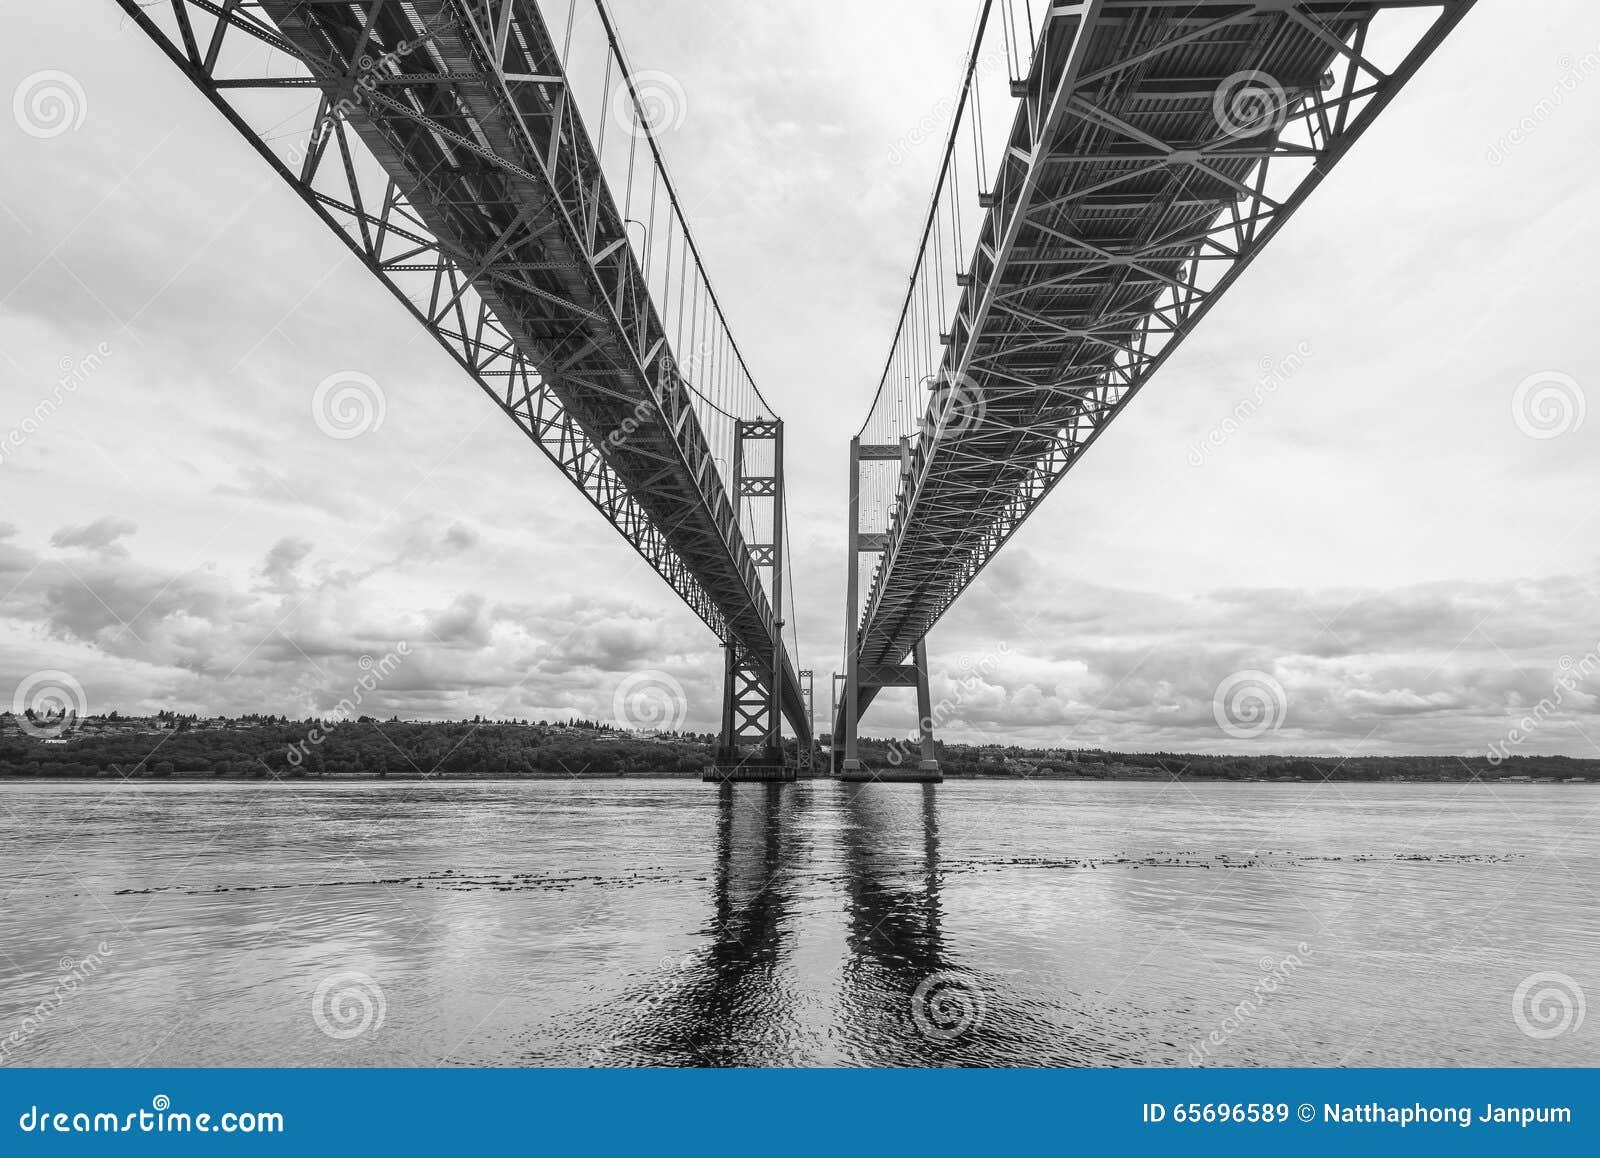 Escena del puente de acero de los estrechos en Tacoma, Washington, los E.E.U.U.